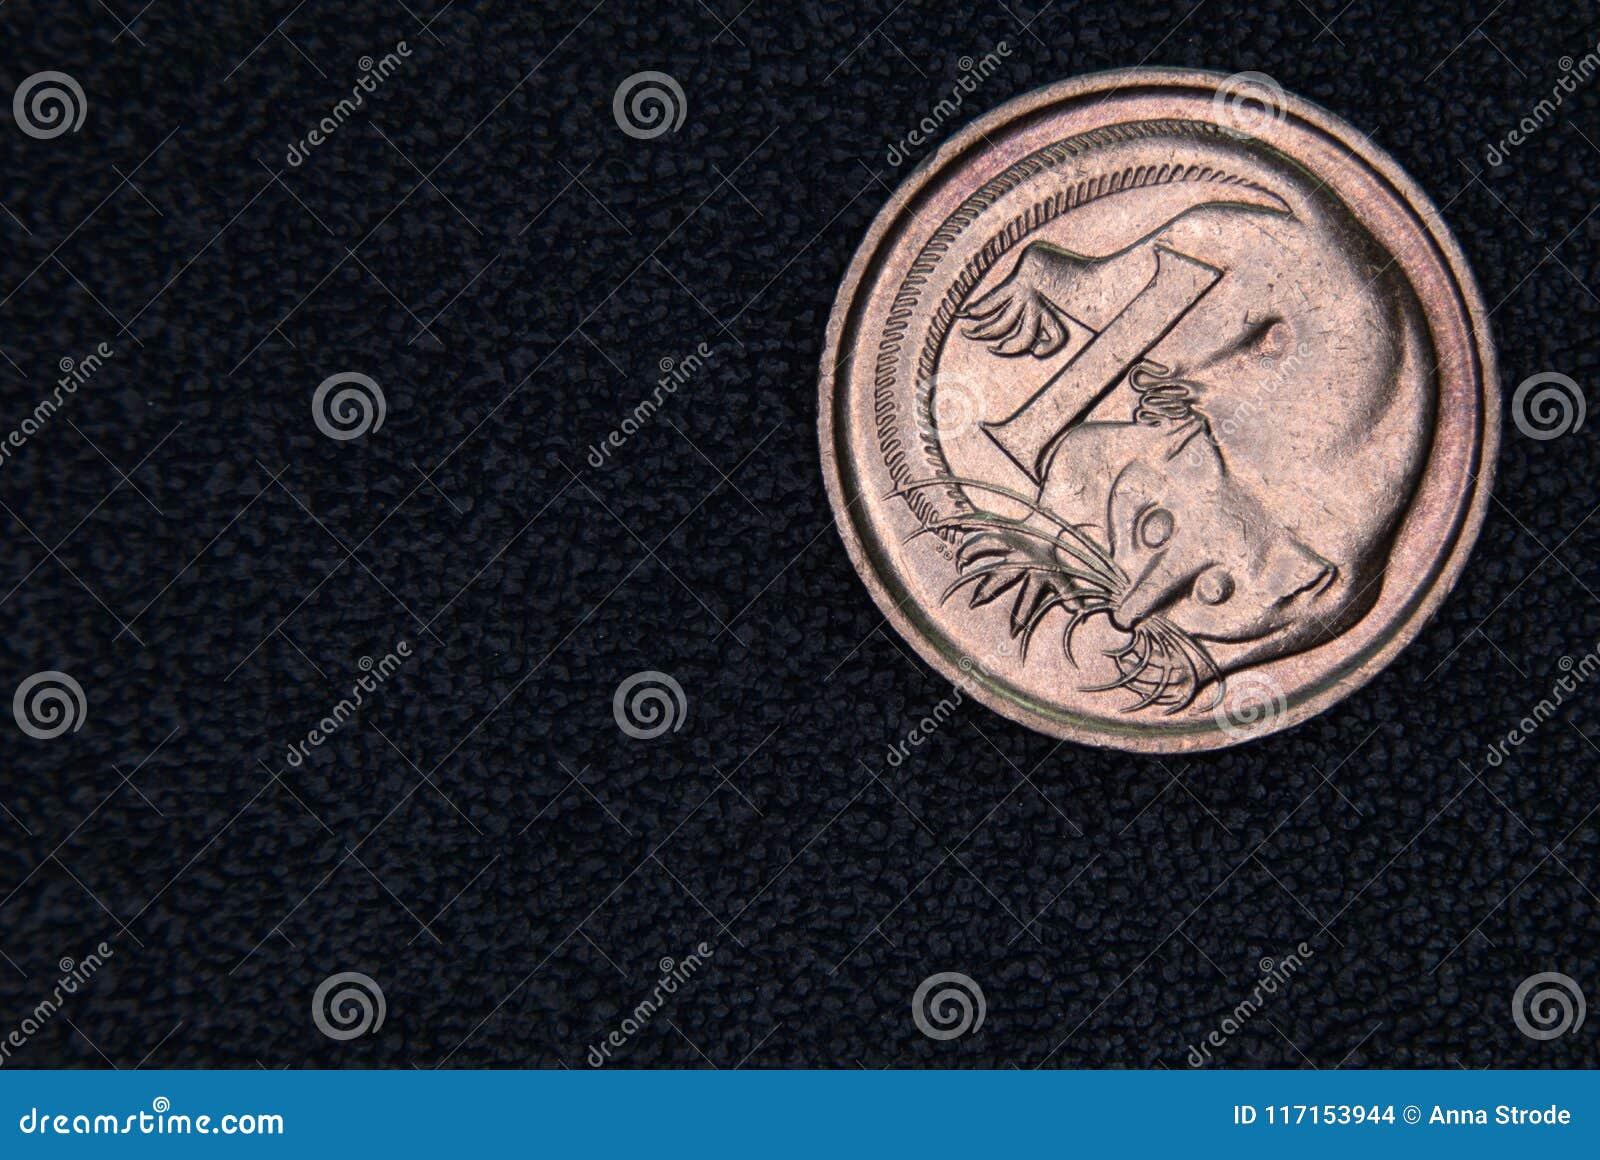 Close-up van een Australisch 1 centmuntstuk